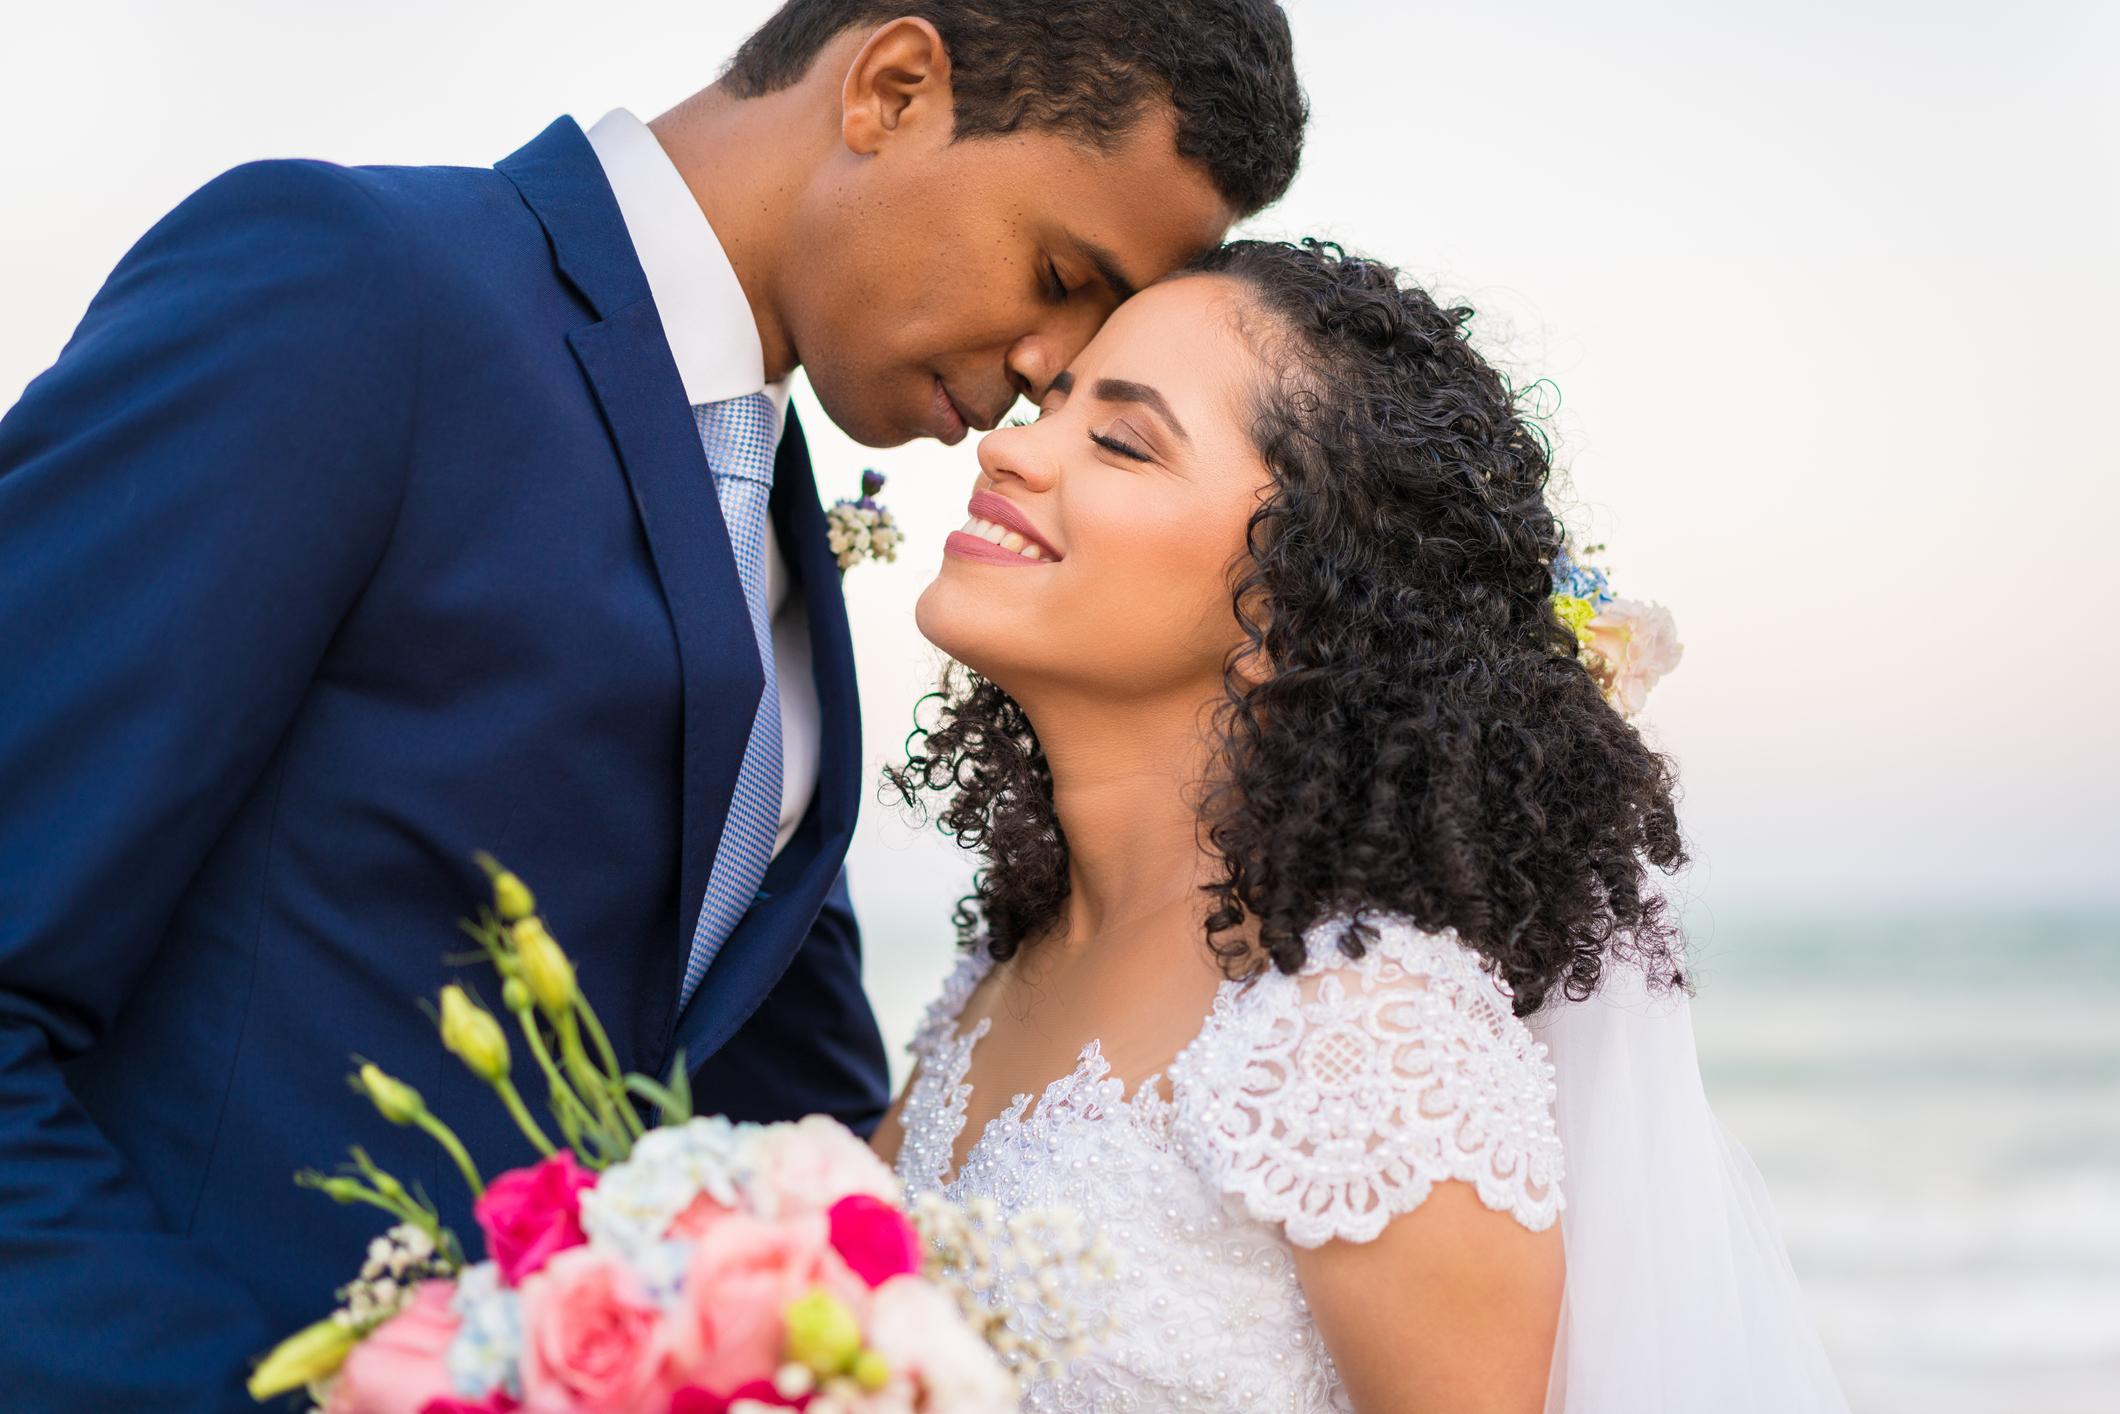 Igreja Universal celebra maior casamento simultâneo já realizado no Brasil